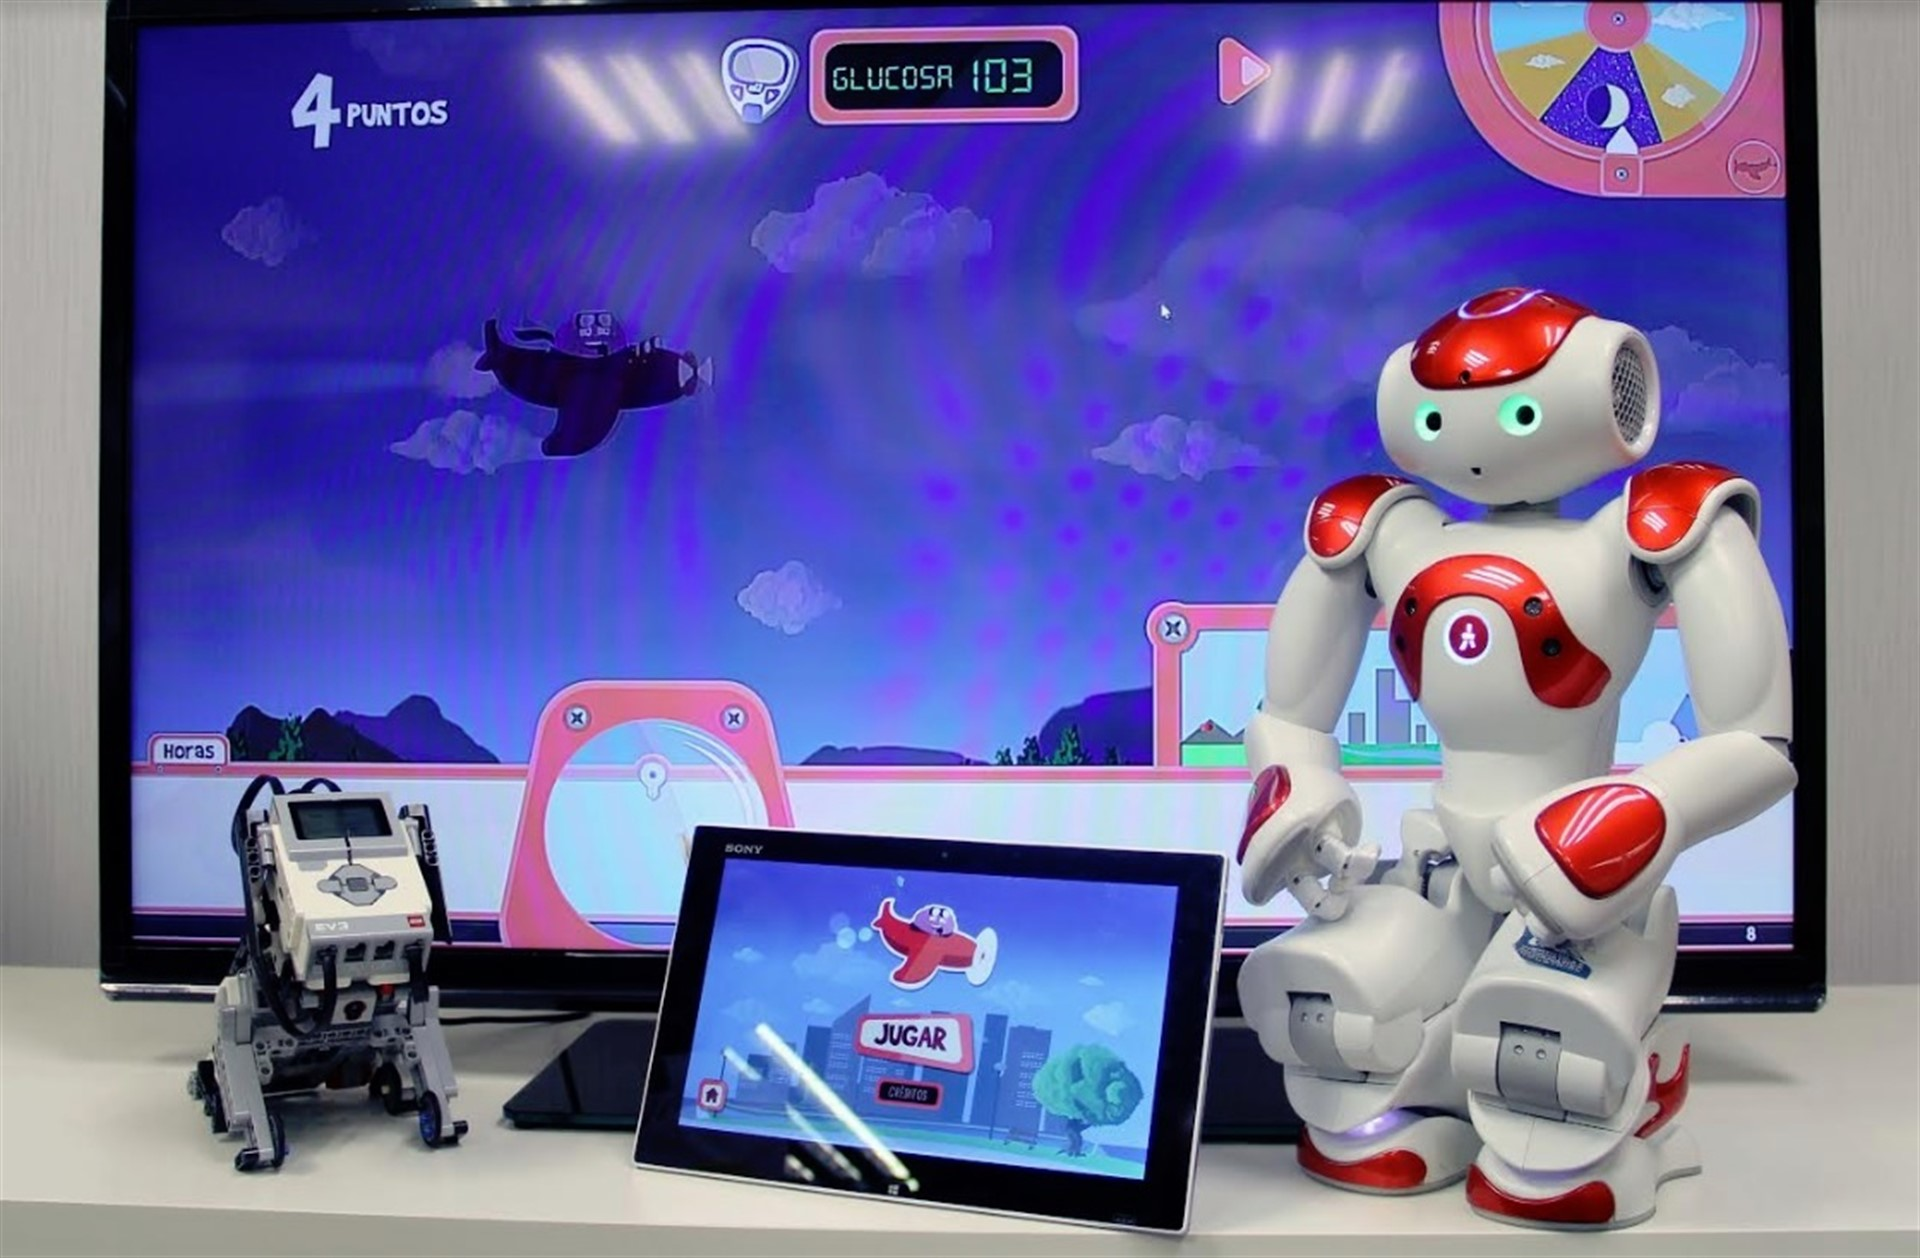 Videojuegos enseñan a los niños a convivir con la diabetes